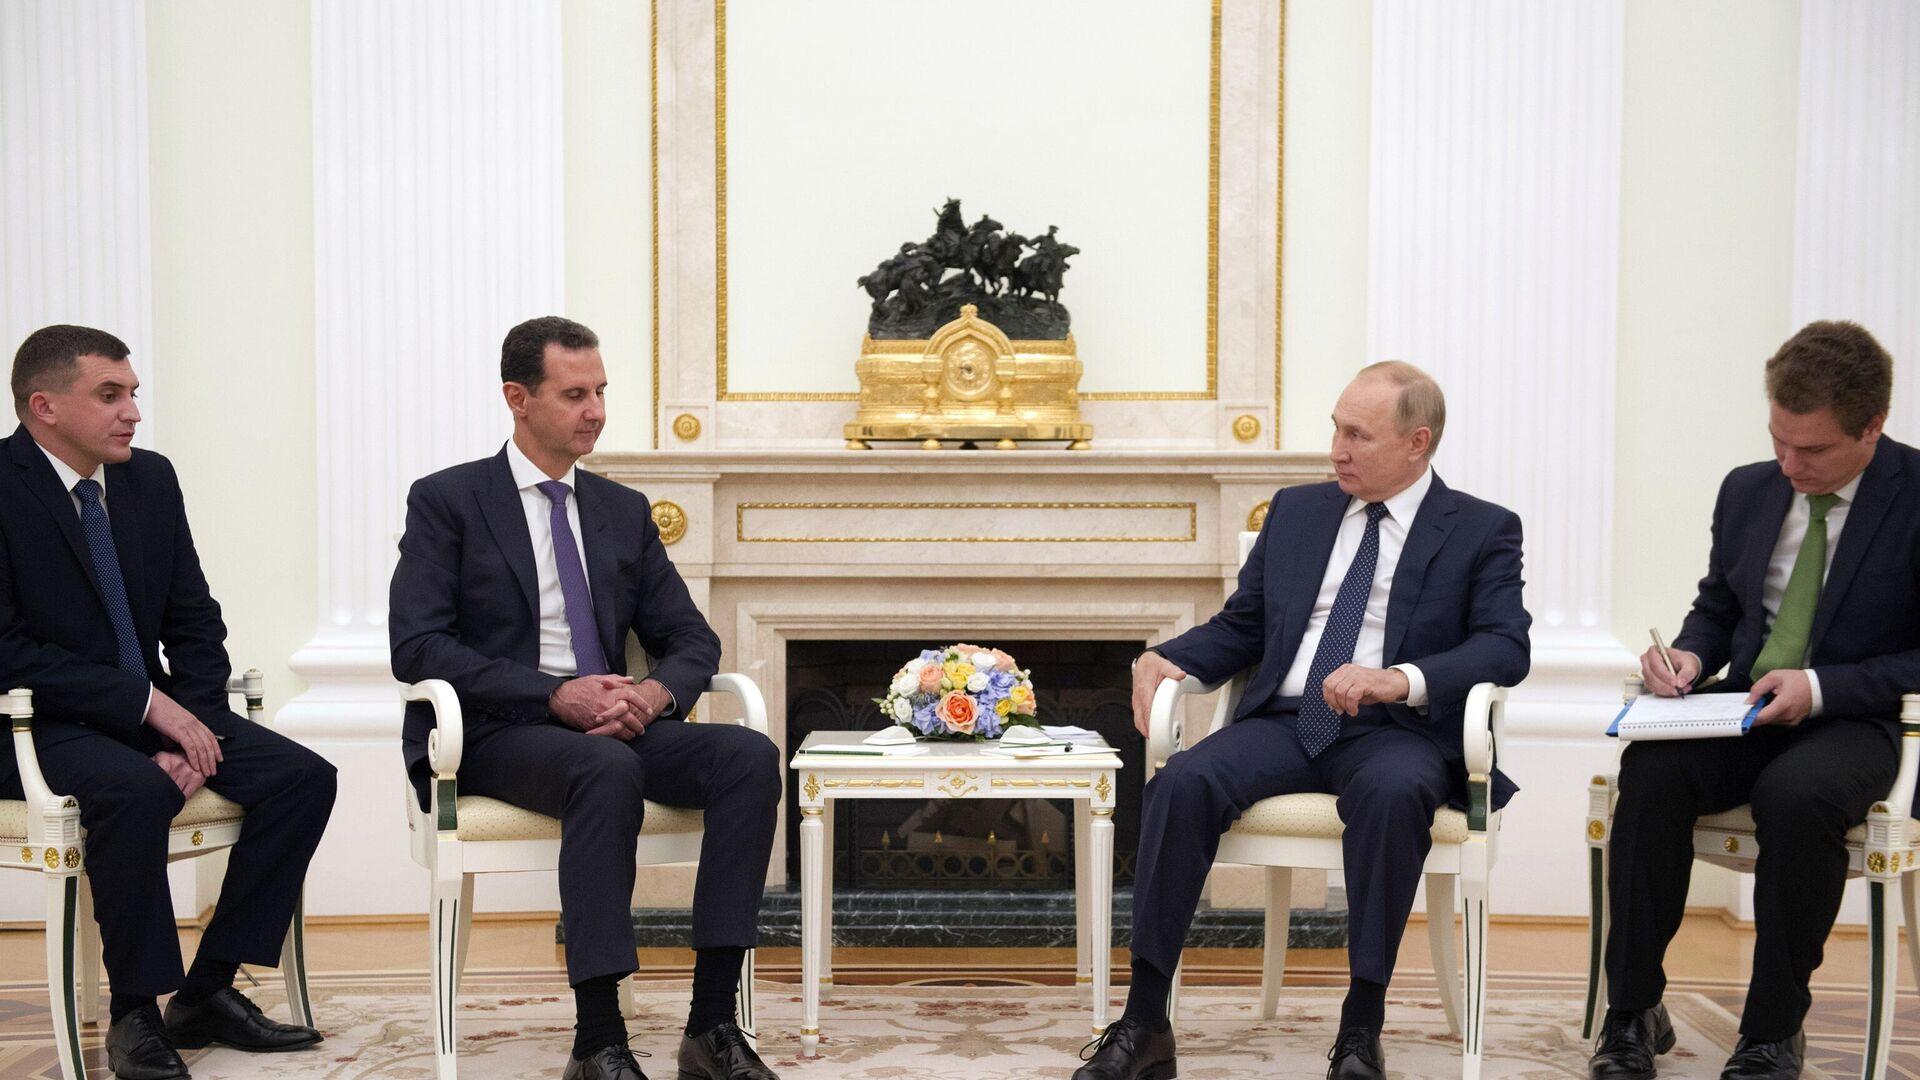 Predsednik Sirije Bašar el Asad i predsednik Rusije Vladimir Putin na sastanku u Kremlju - Sputnik Srbija, 1920, 14.09.2021